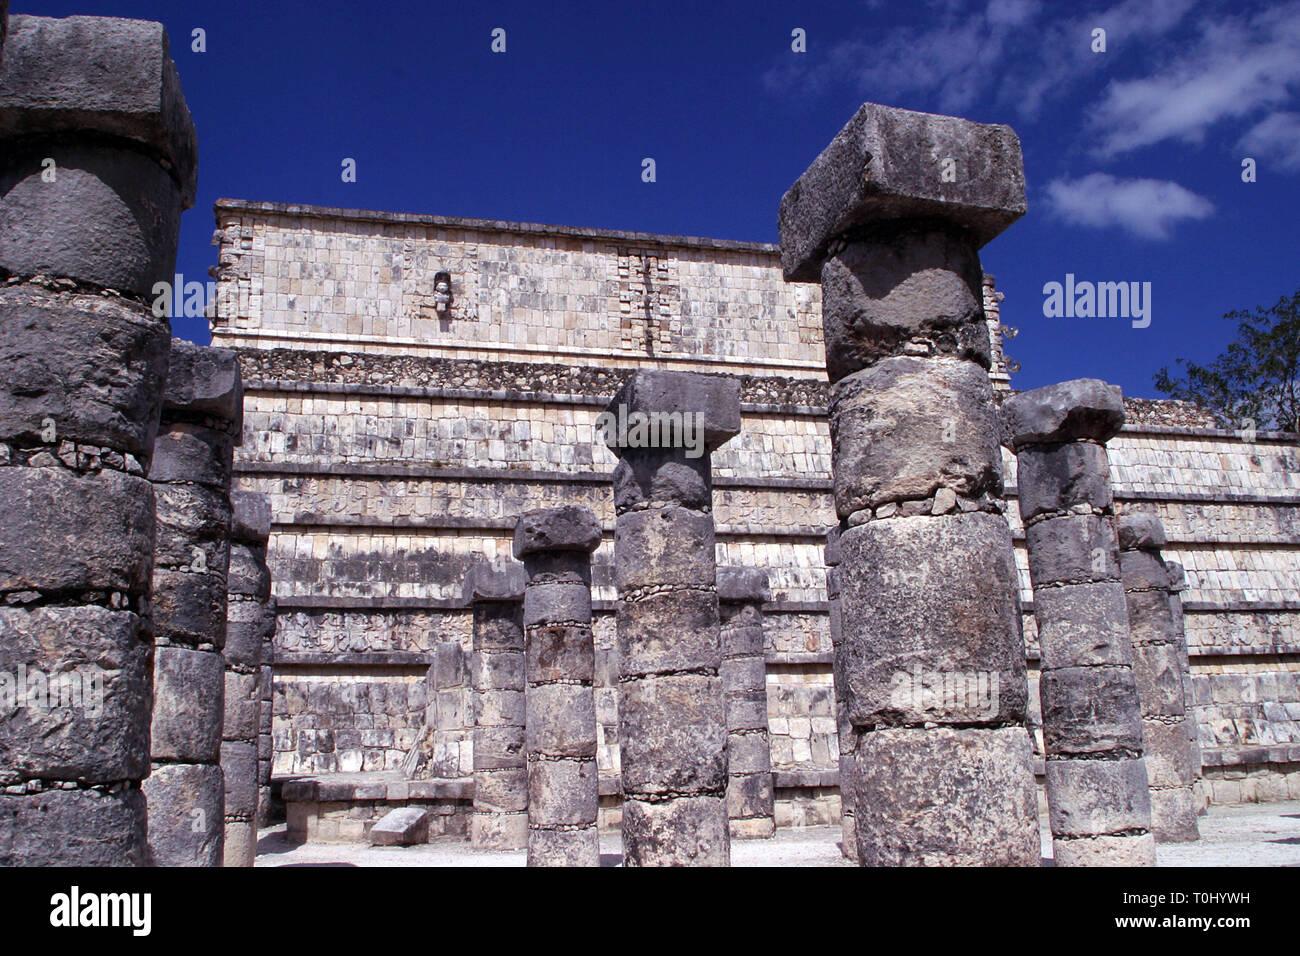 Zona arqueologica de Chichen Itza Zona arqueológica    Chichén ItzáChichén Itzá maya: (Chichén) Boca del pozo;   de los (Itzá) brujos de agua.   Es uno de los principales sitios arqueológicos de la   península de Yucatán, en México, ubicado en el municipio de Tinum.  *Photo:*©Francisco* Morales/DAMMPHOTO.COM/NORTEPHOTO  * No * sale * a * third * - Stock Image